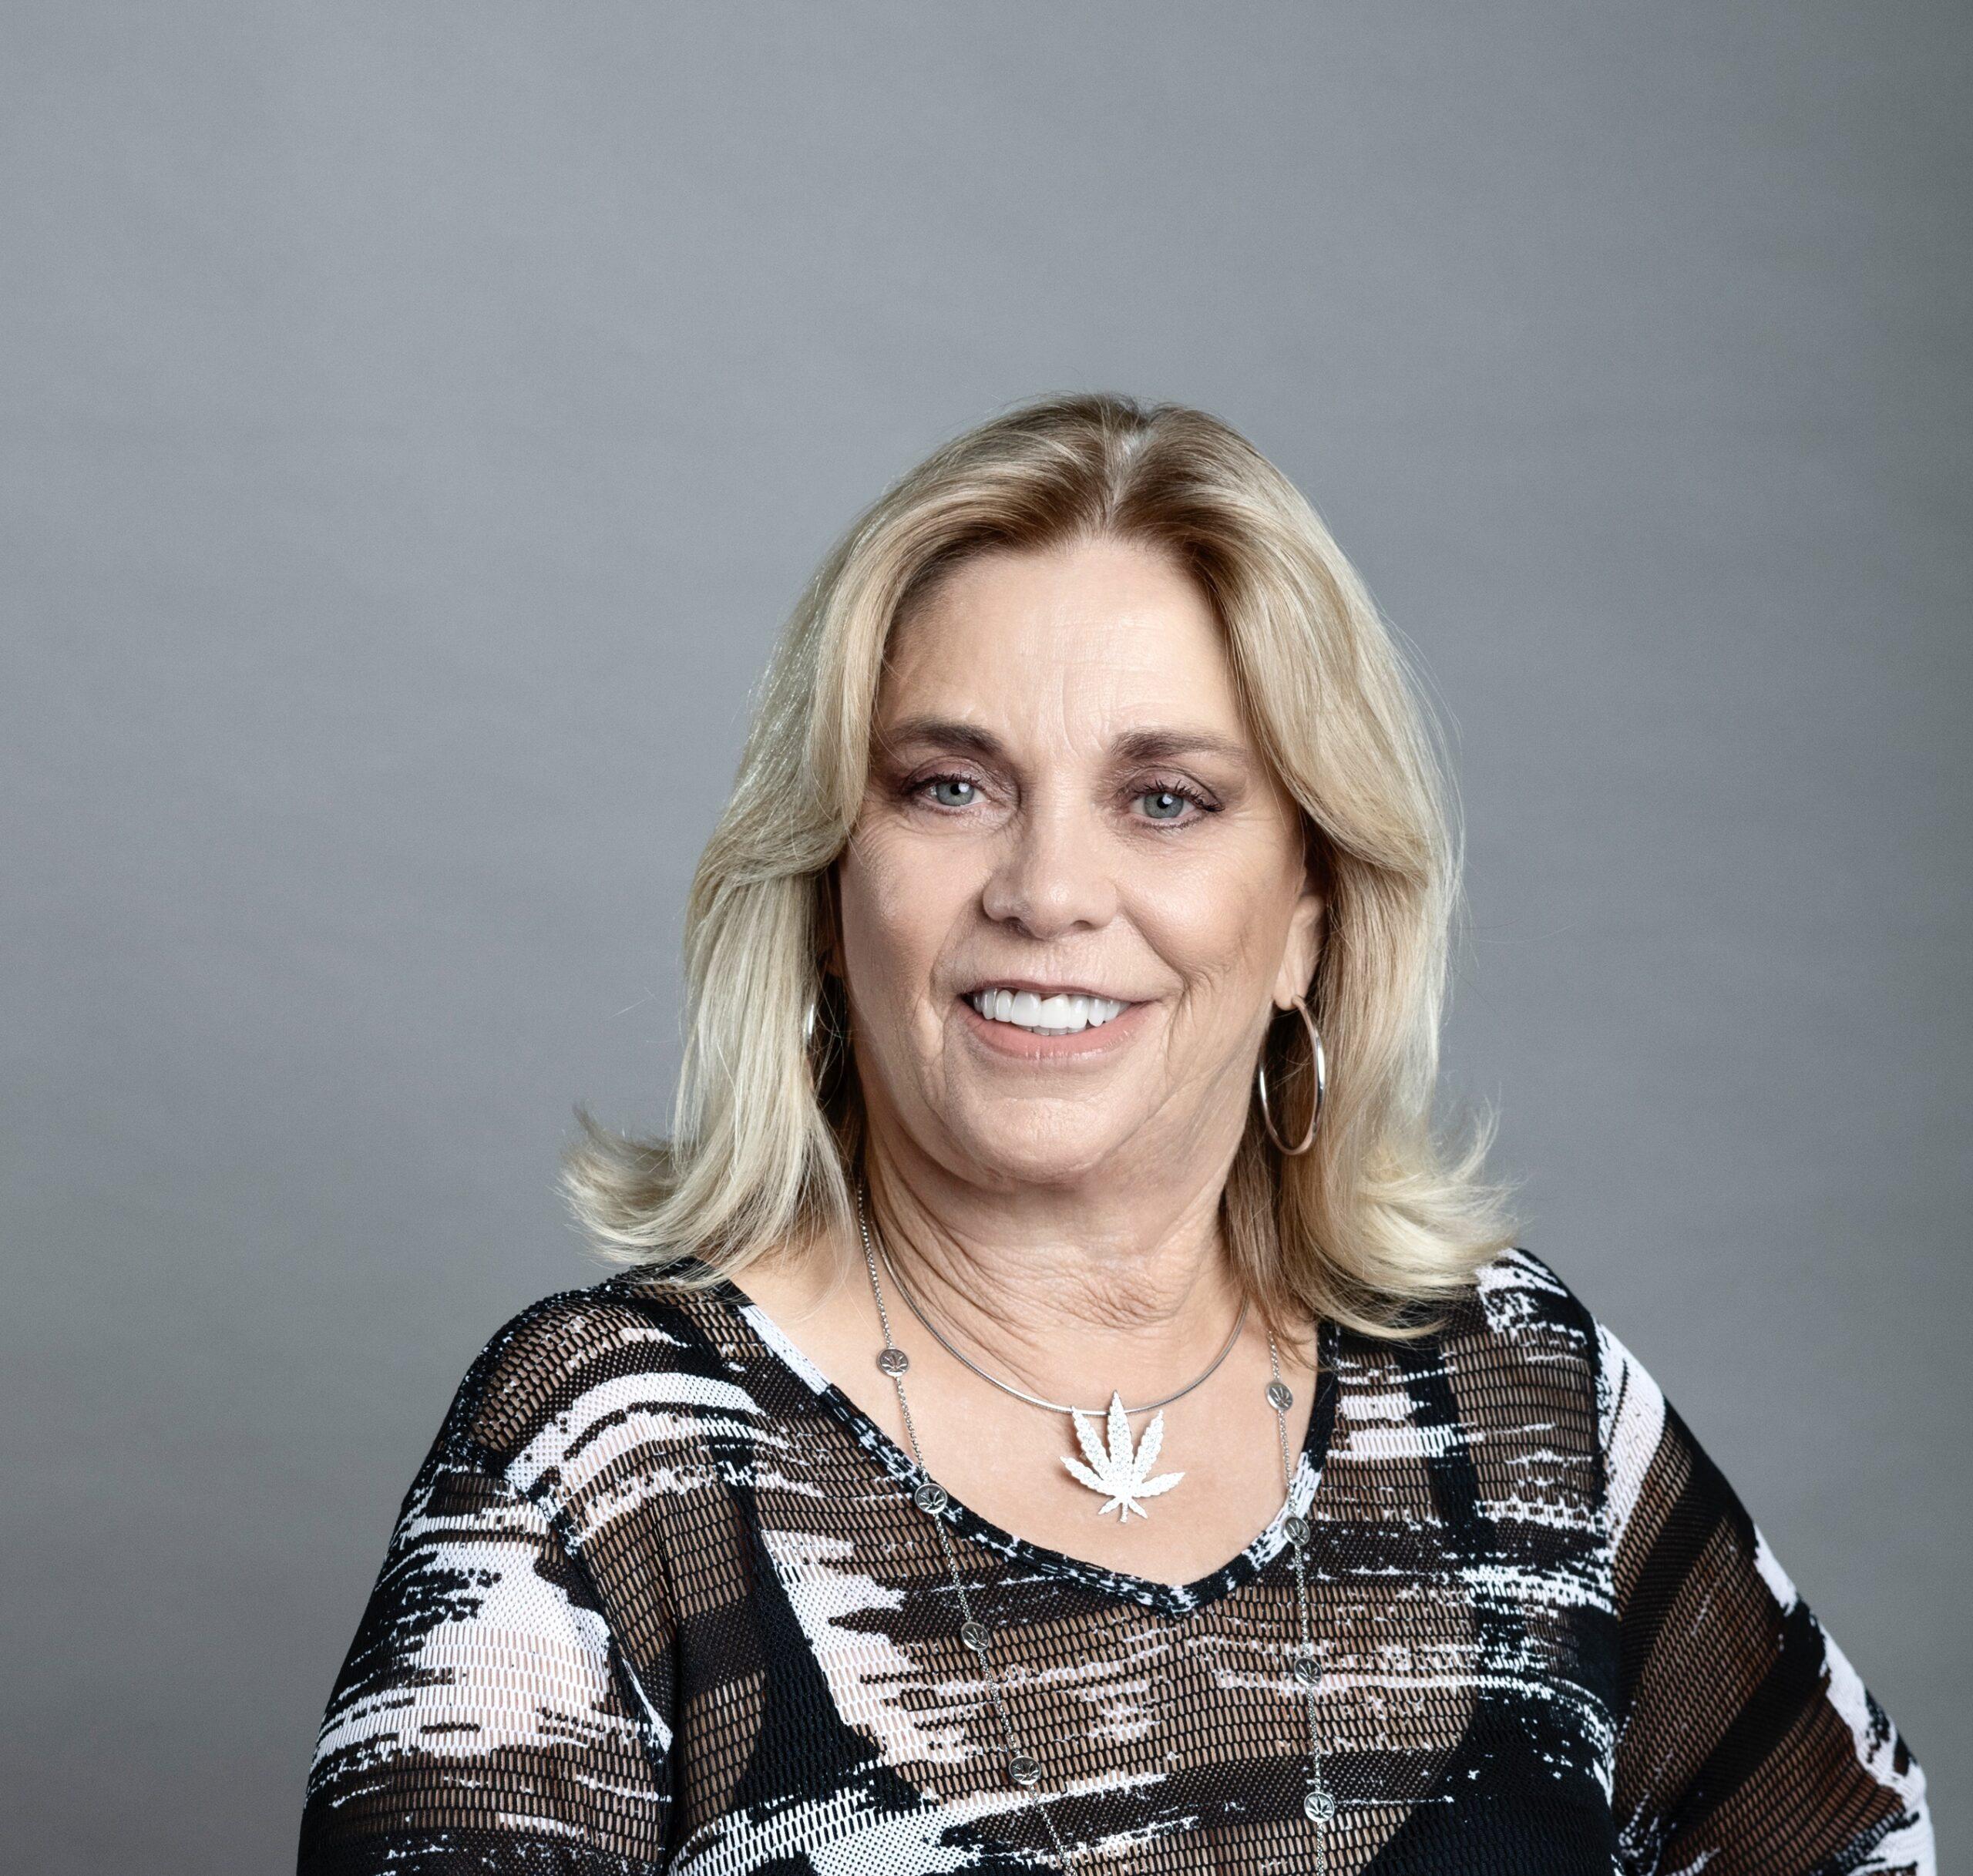 Pamela DOnner